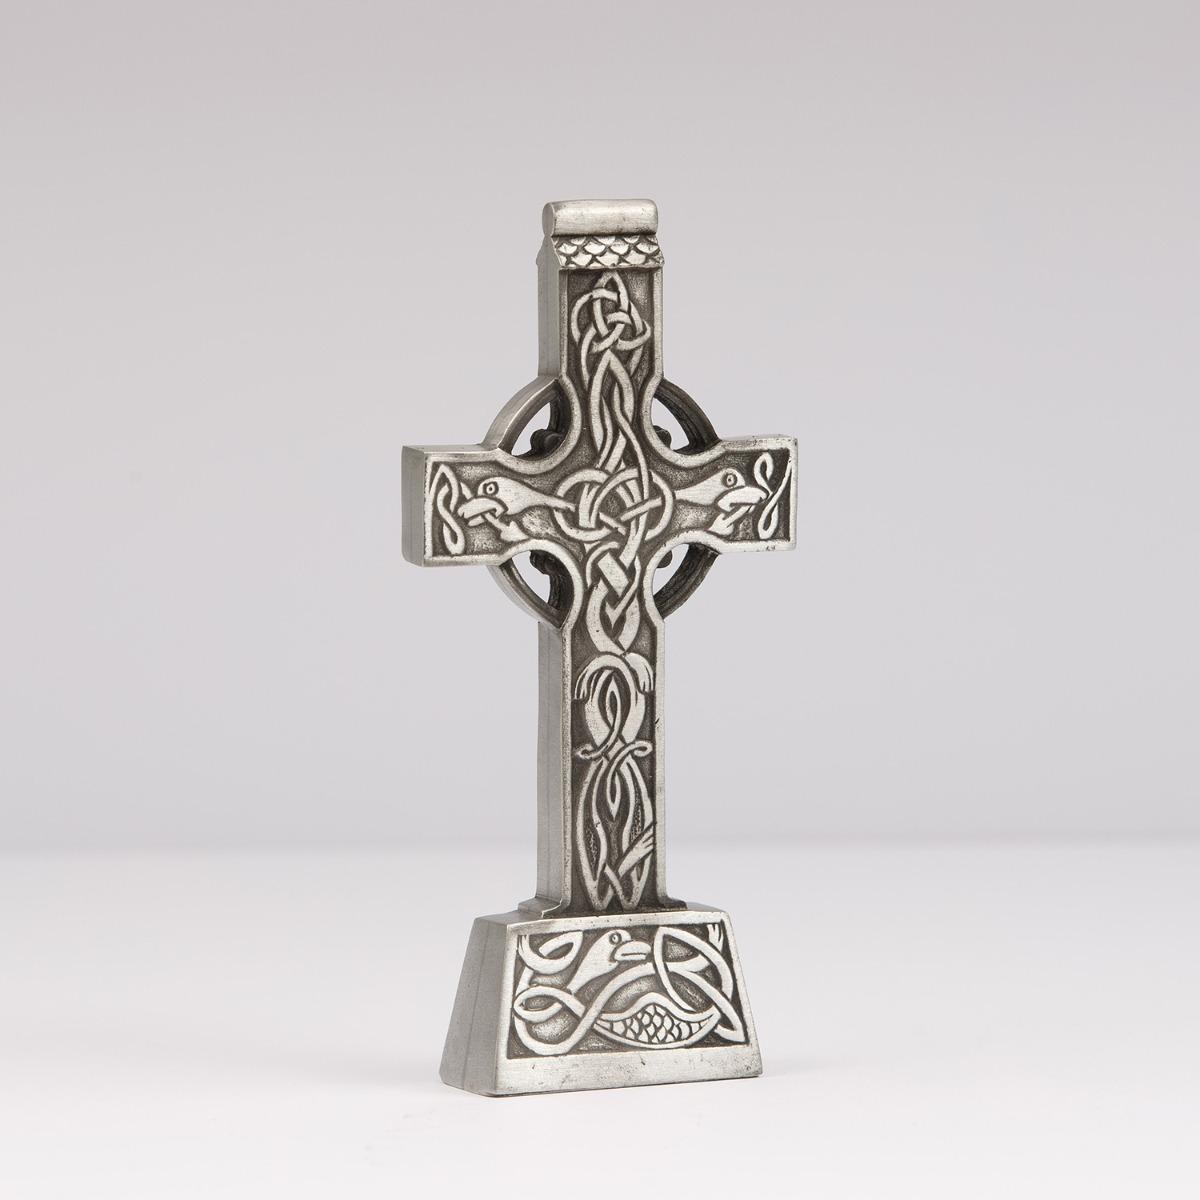 Mullingar Pewter Celtic Cross Ornament Irish homeware